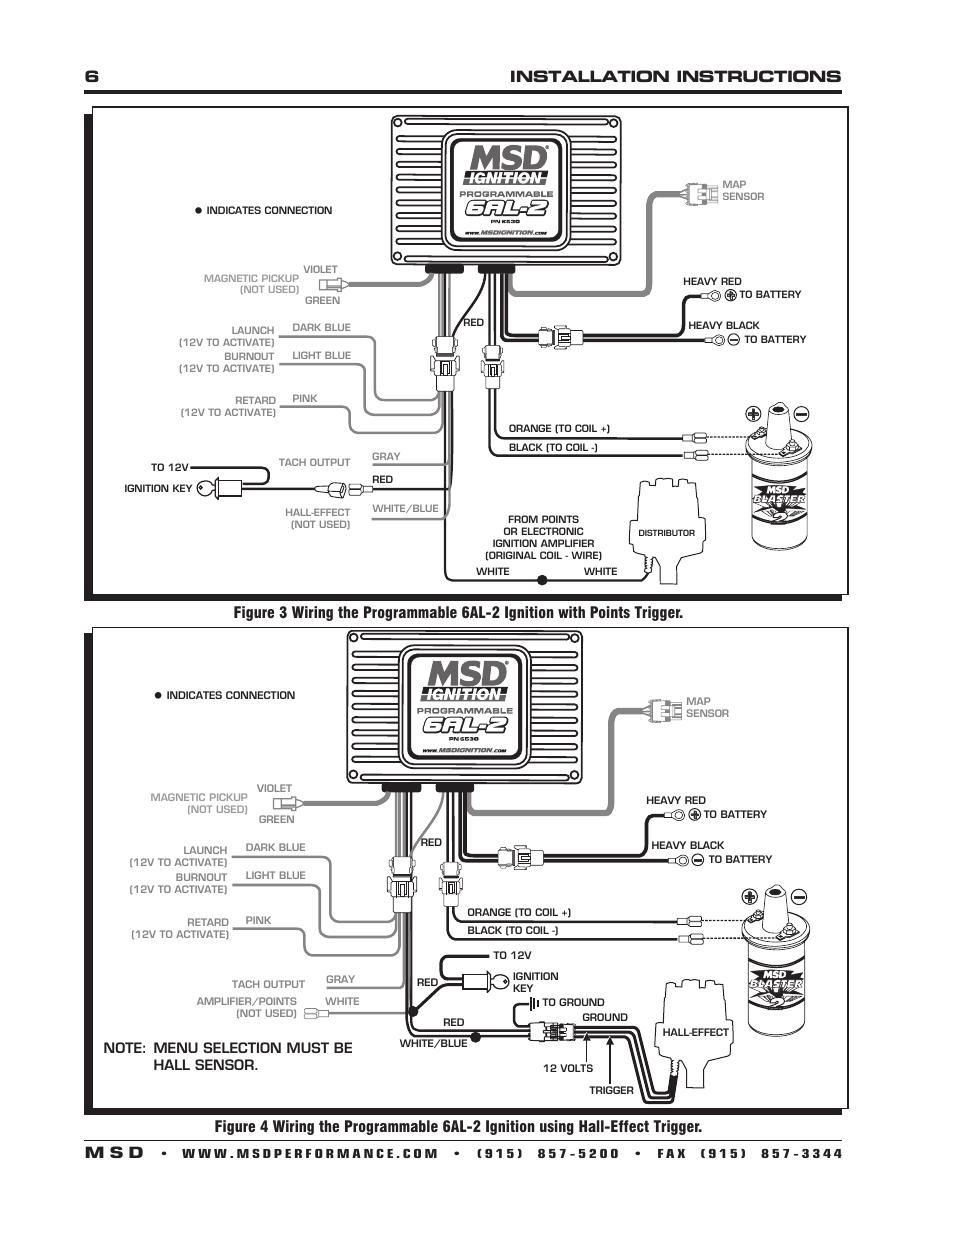 medium resolution of msd 6al 2 wiring diagram 6530 wiring diagram forward6installation instructions m s d msd 6530 digital programmable 6al